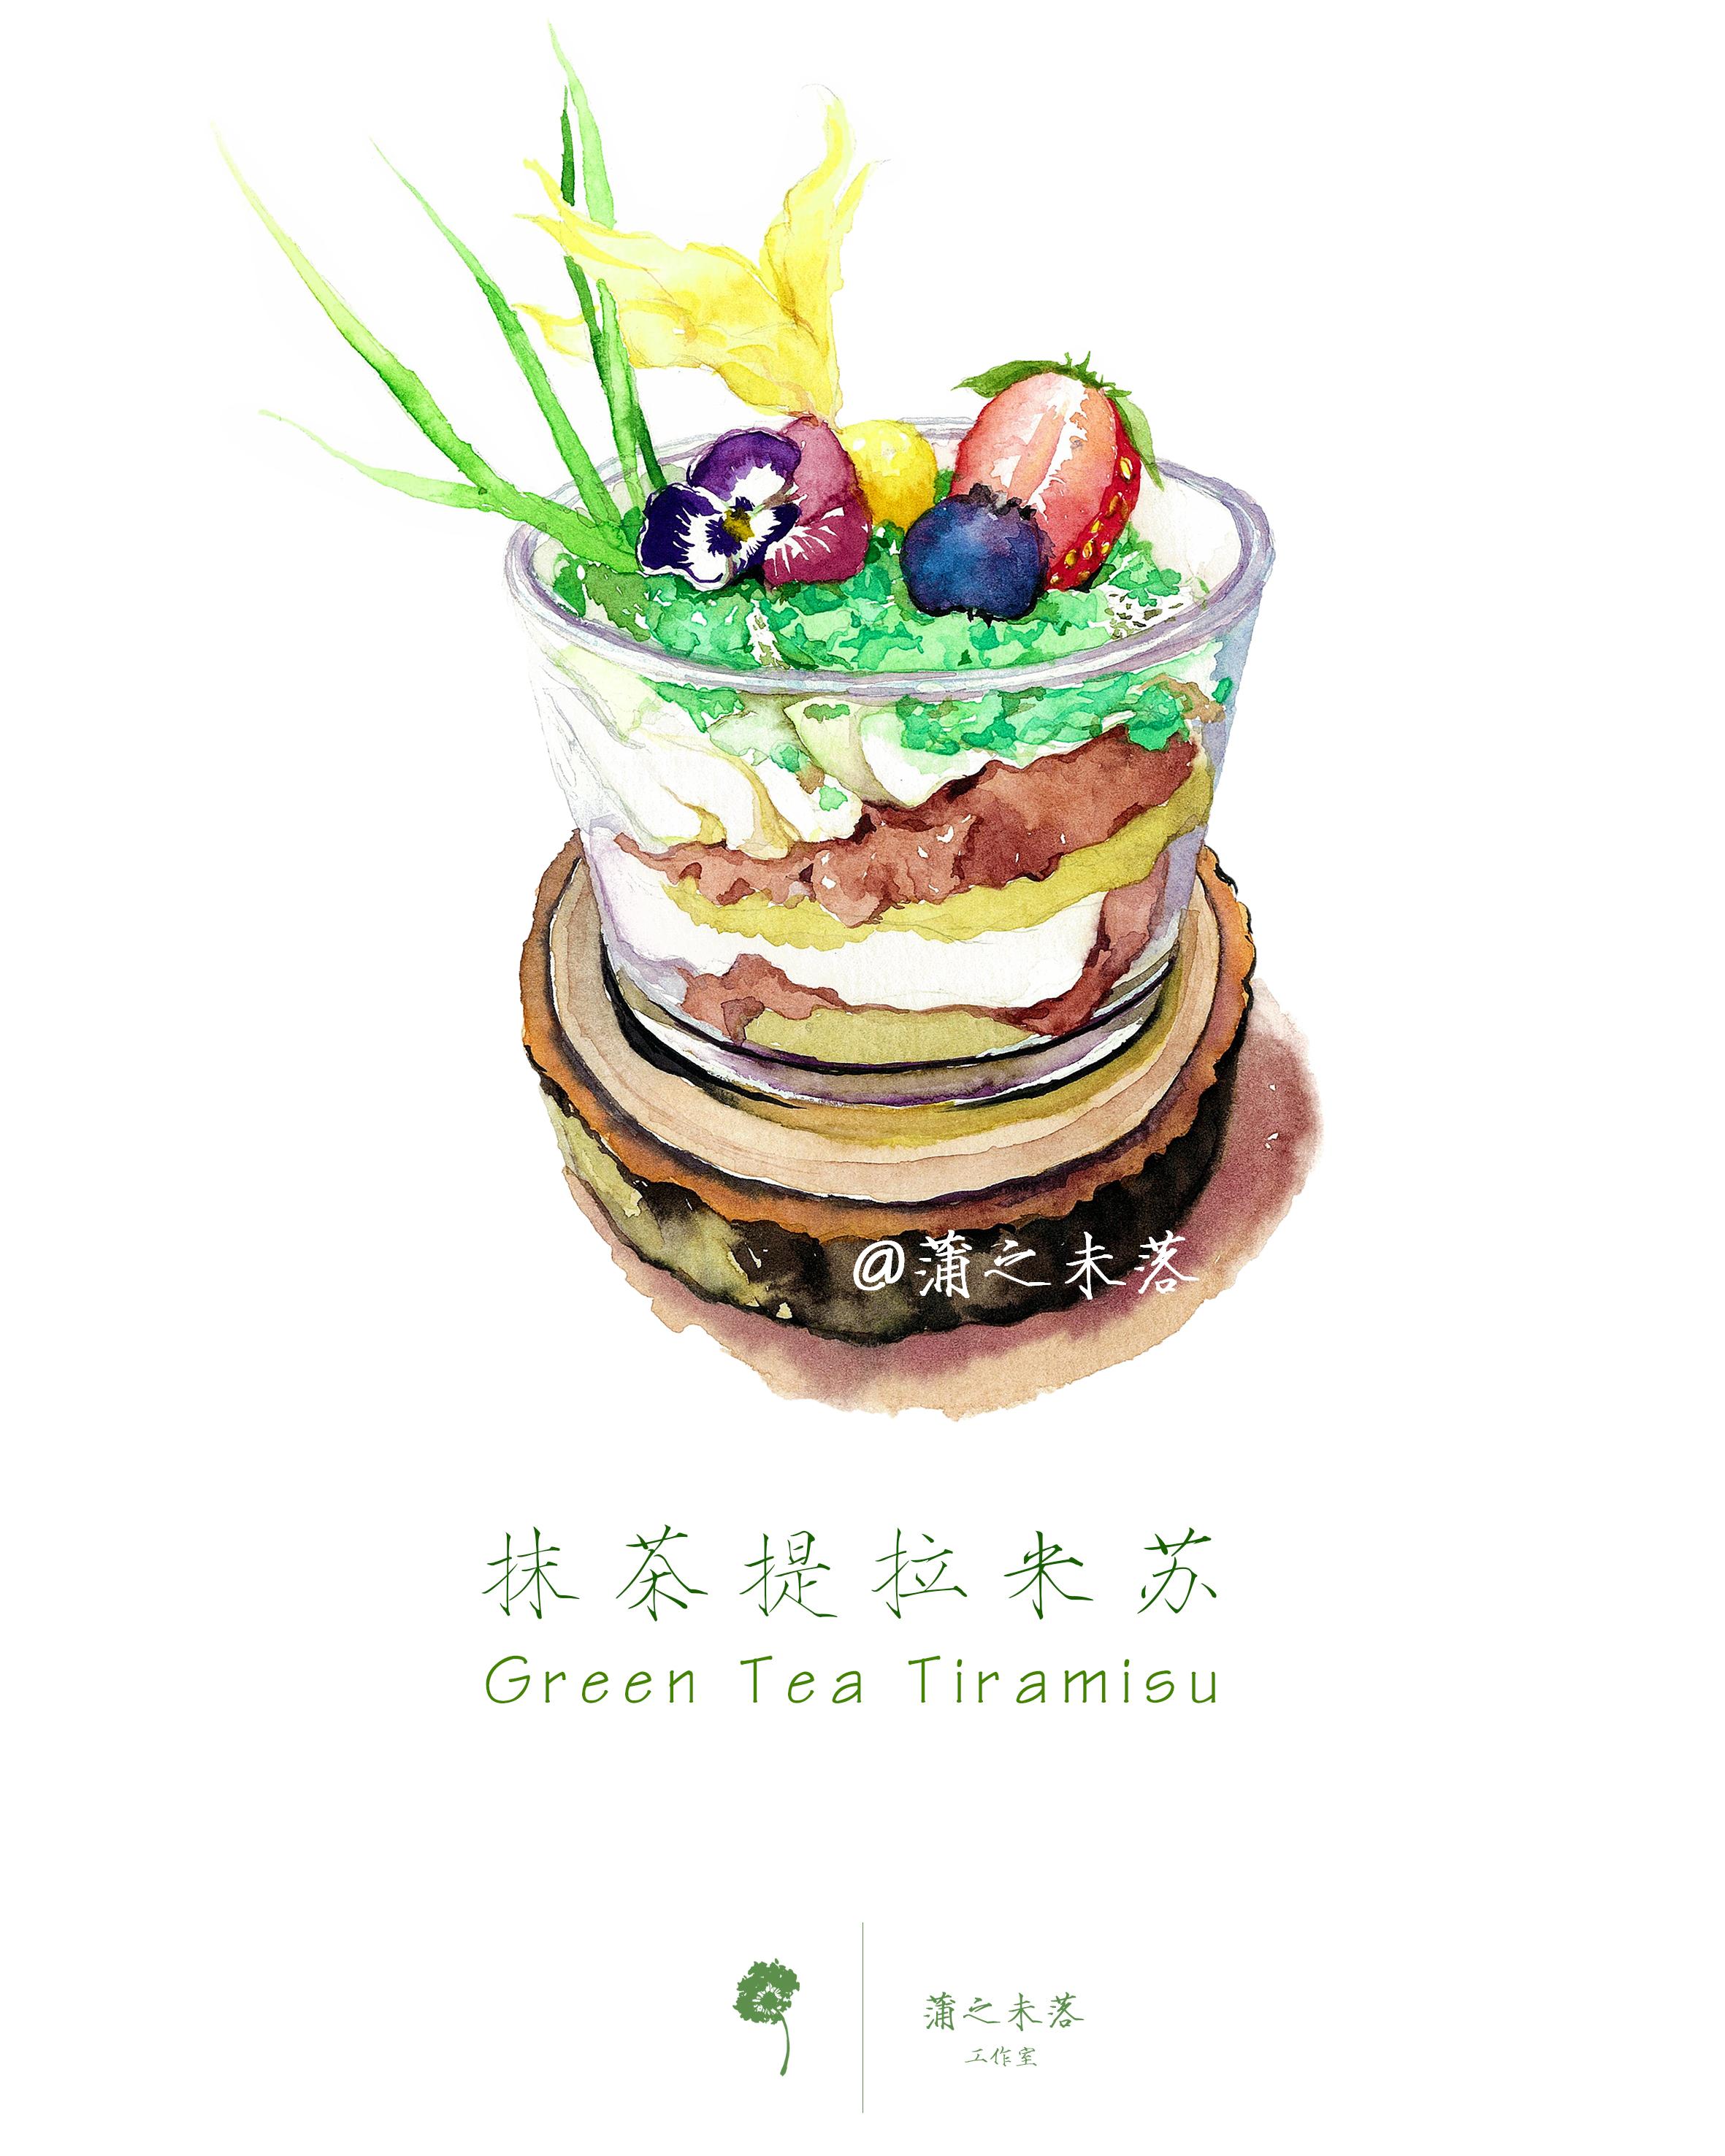 水彩手绘-甜品(抹茶提拉米苏)